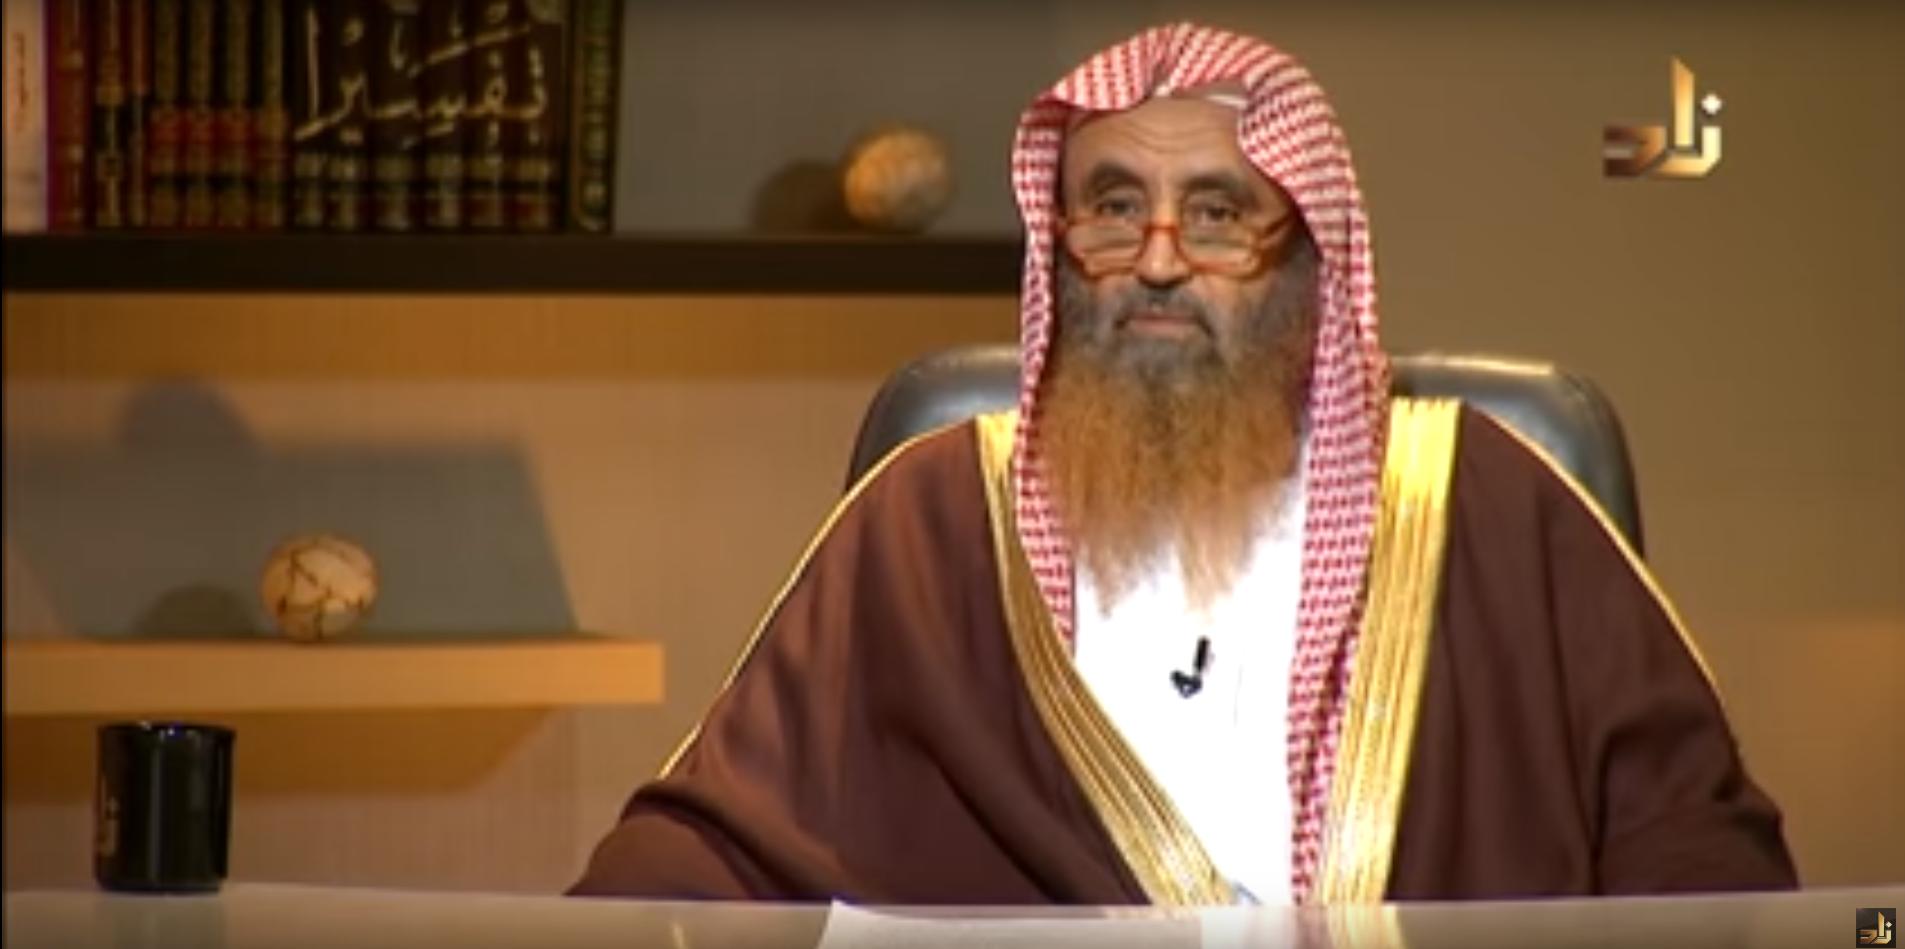 الشيخ سعيد بن وهف القحطاني